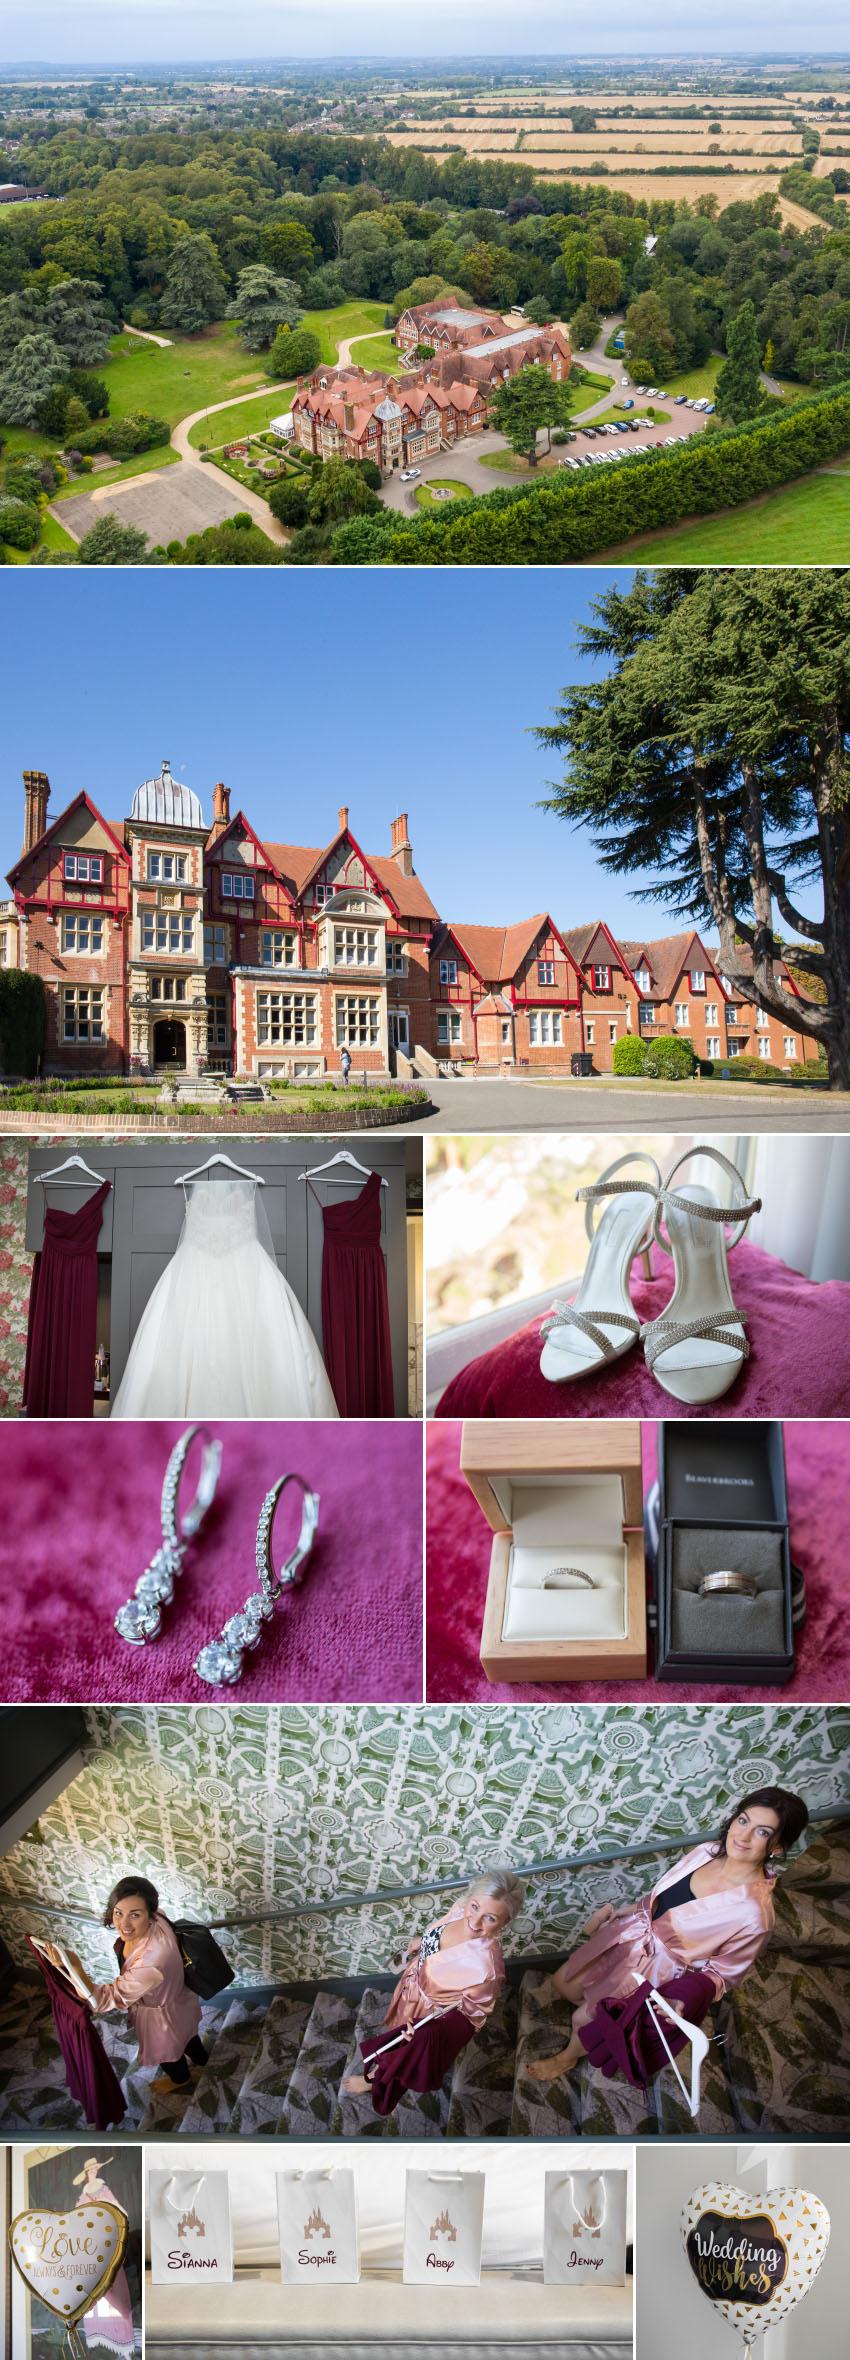 02_Pendley Manor wedding photography